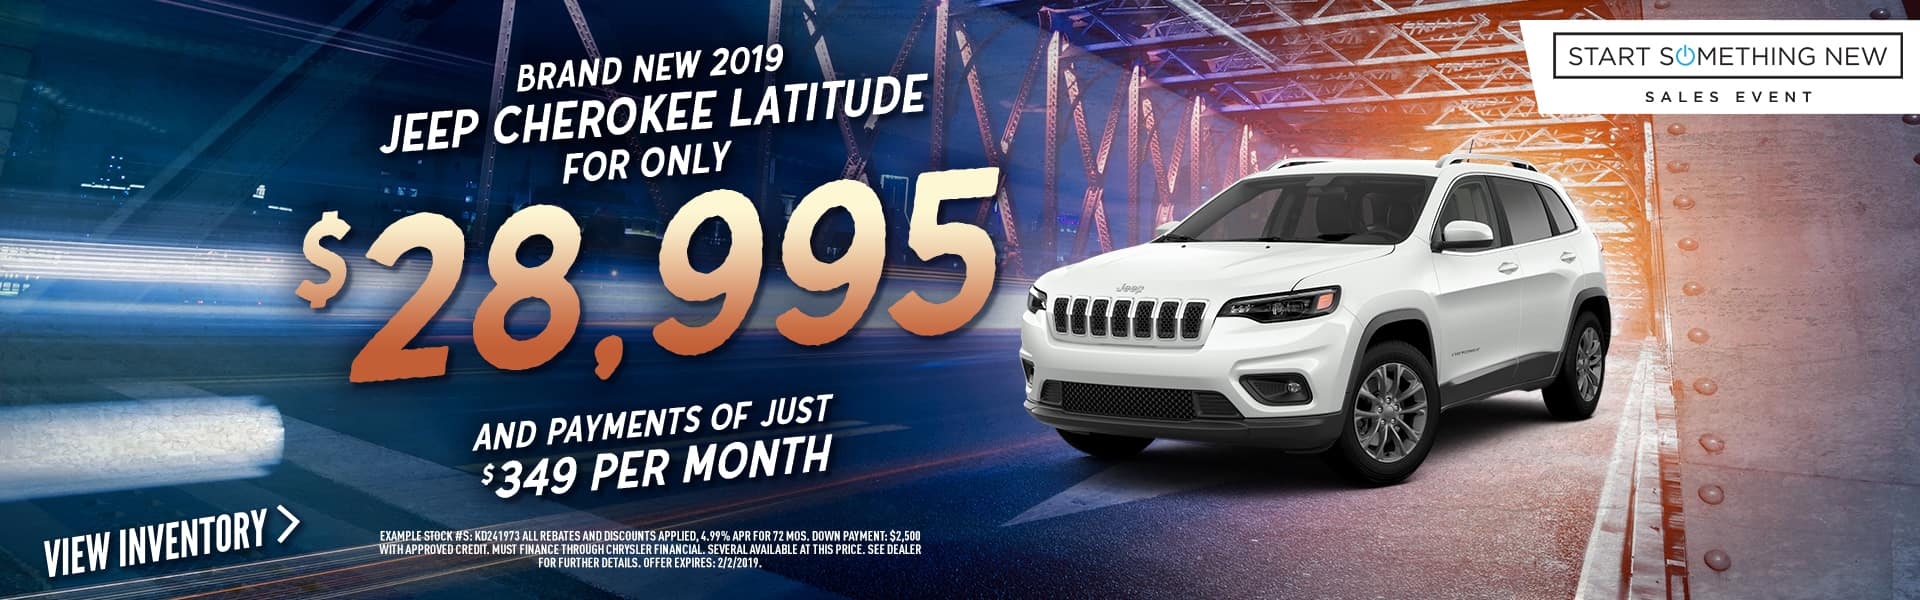 2019-jeep-cherokee-latitude-tulsa-ok